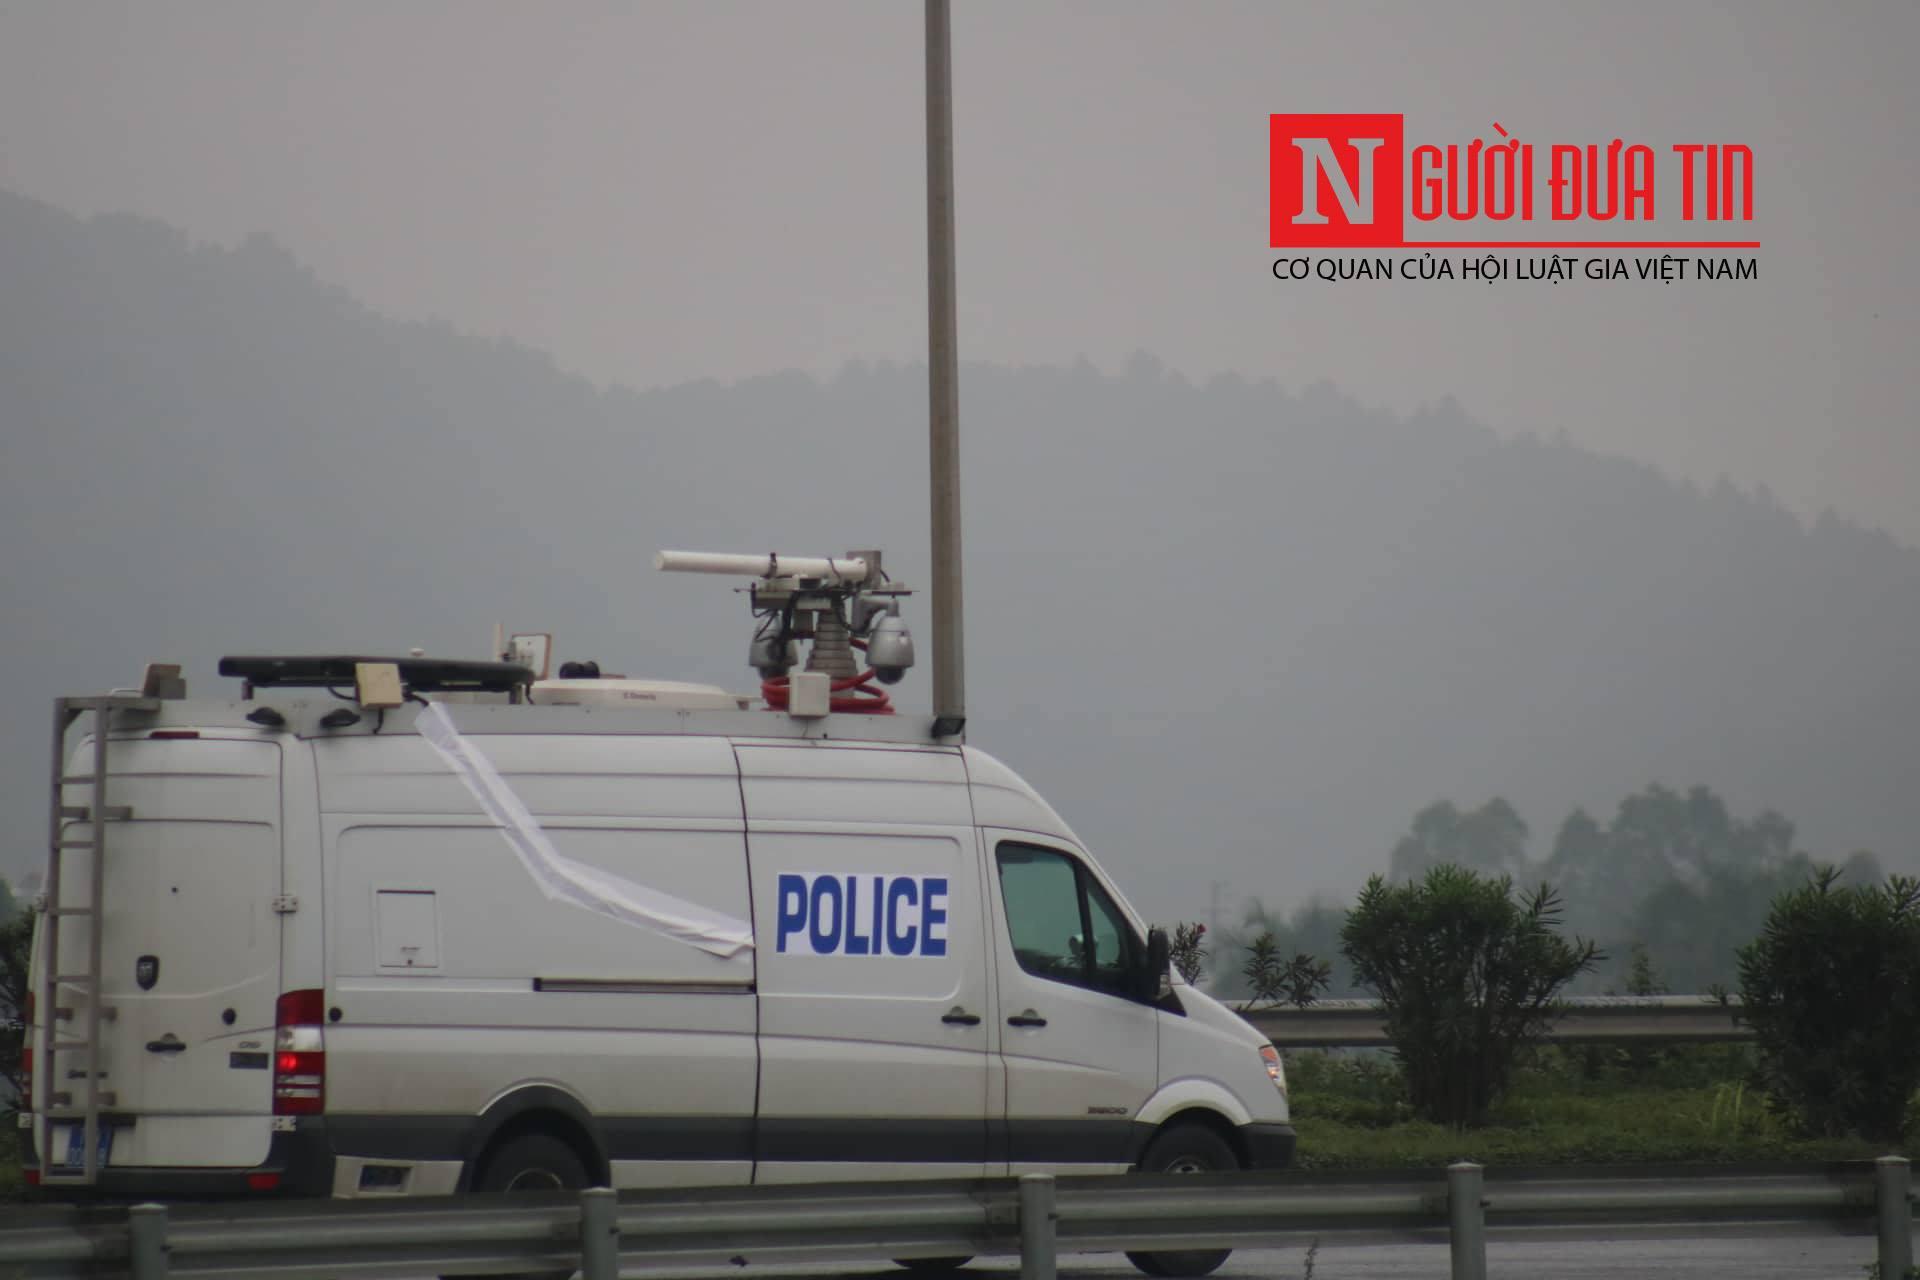 [Trực tiếp] Cận cảnh lực lượng an ninh dày đặc quanh khách sạn nơi Chủ tịch Kim Jong-un vừa có mặt - Ảnh 7